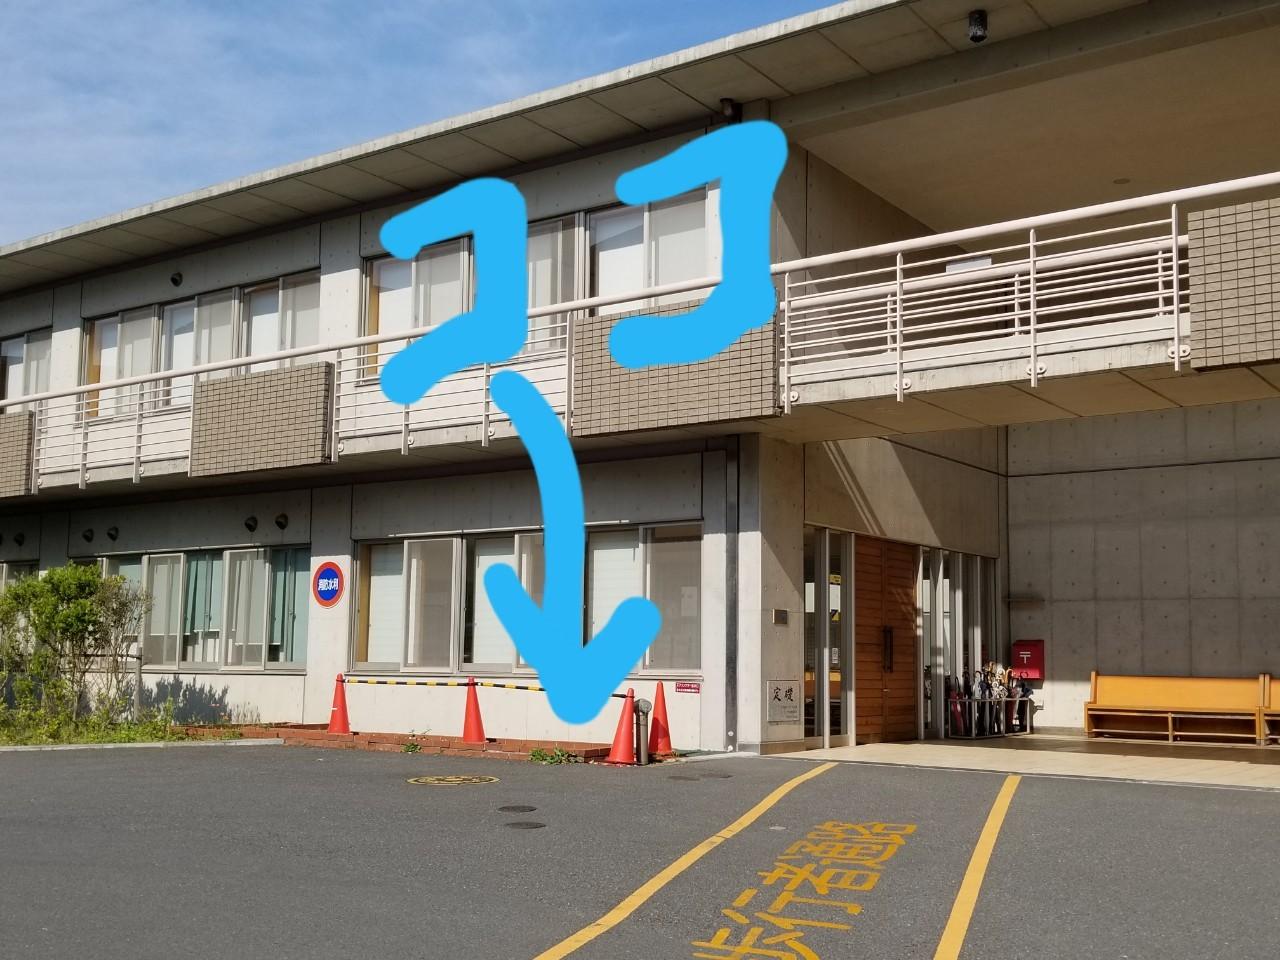 七里ガ浜ホームグランドカバー計画 ➀